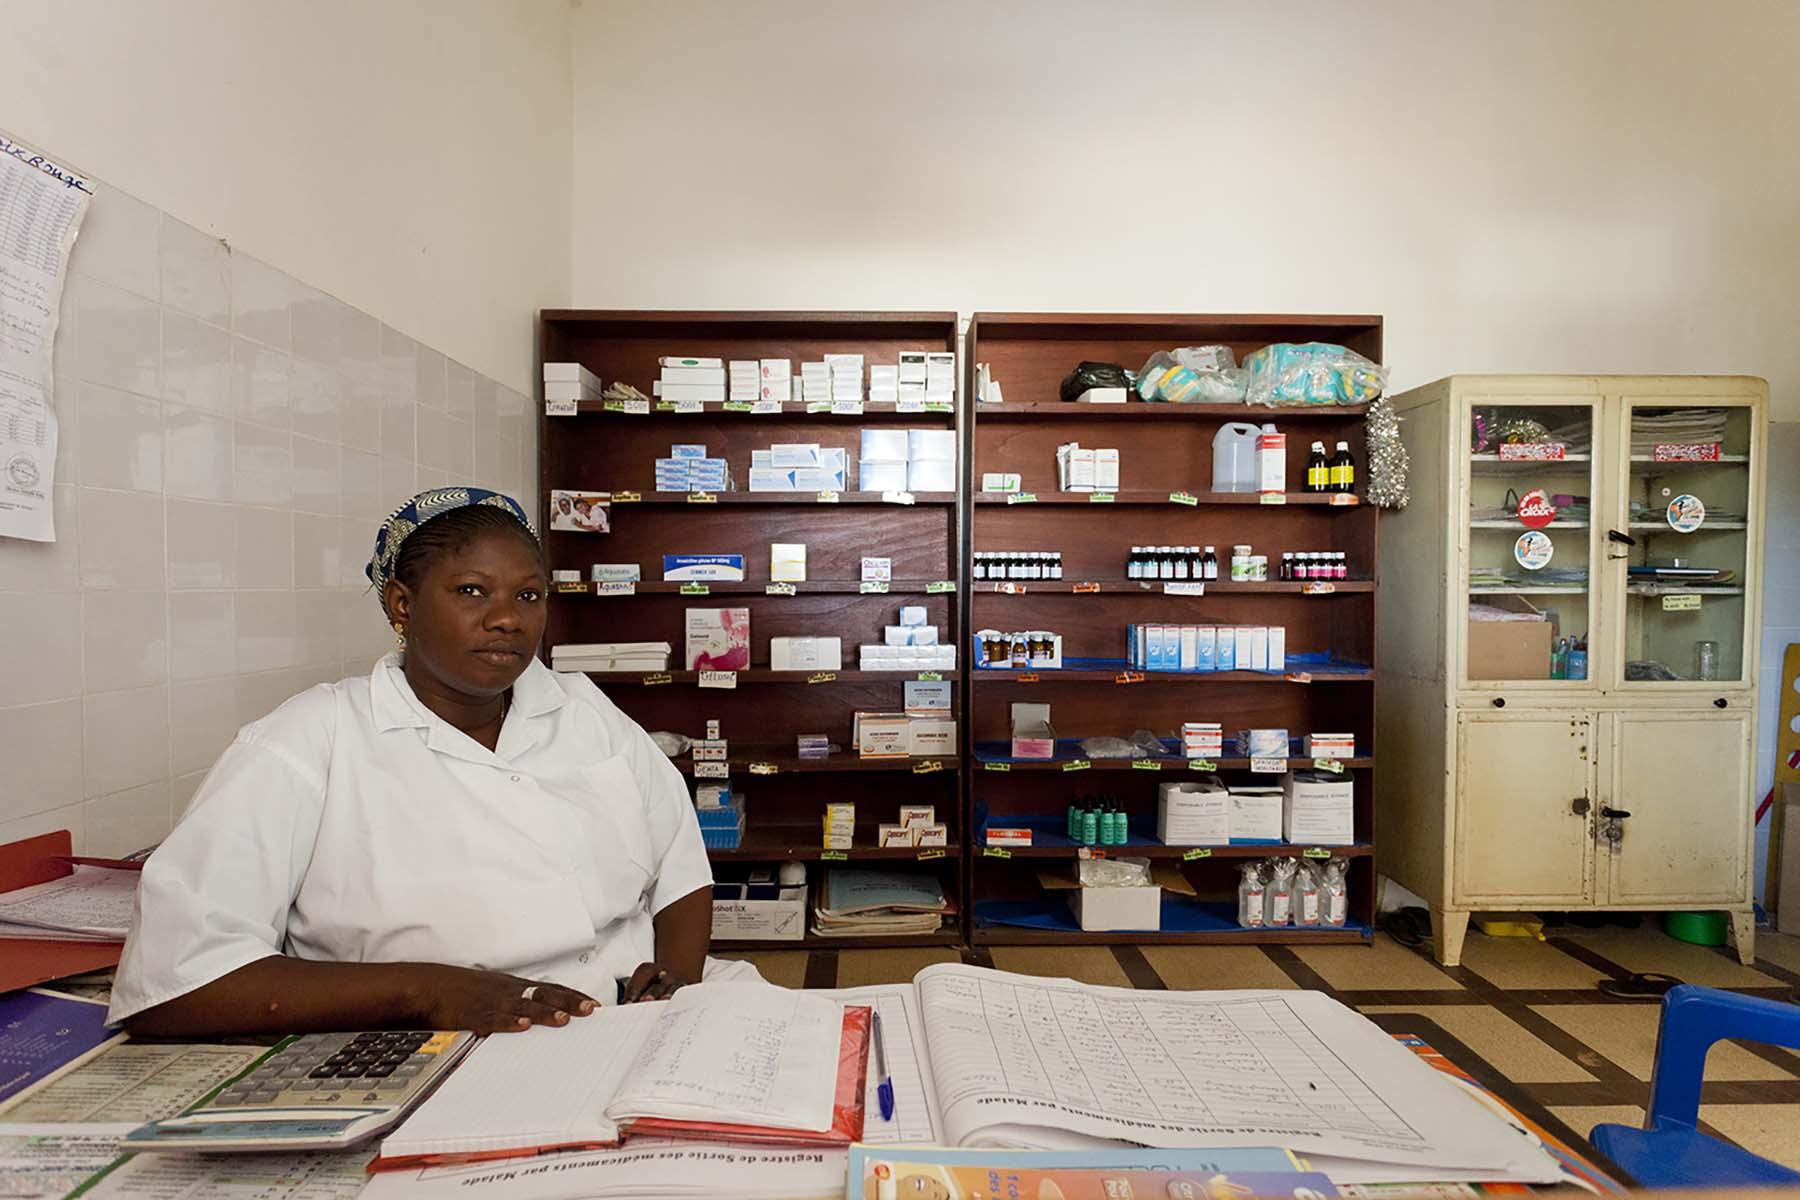 解决了供应链的问题后,现在塞内加尔的女性即使是第一次来诊所寻求避孕服务也能及时获得。(塞内加尔达喀尔)